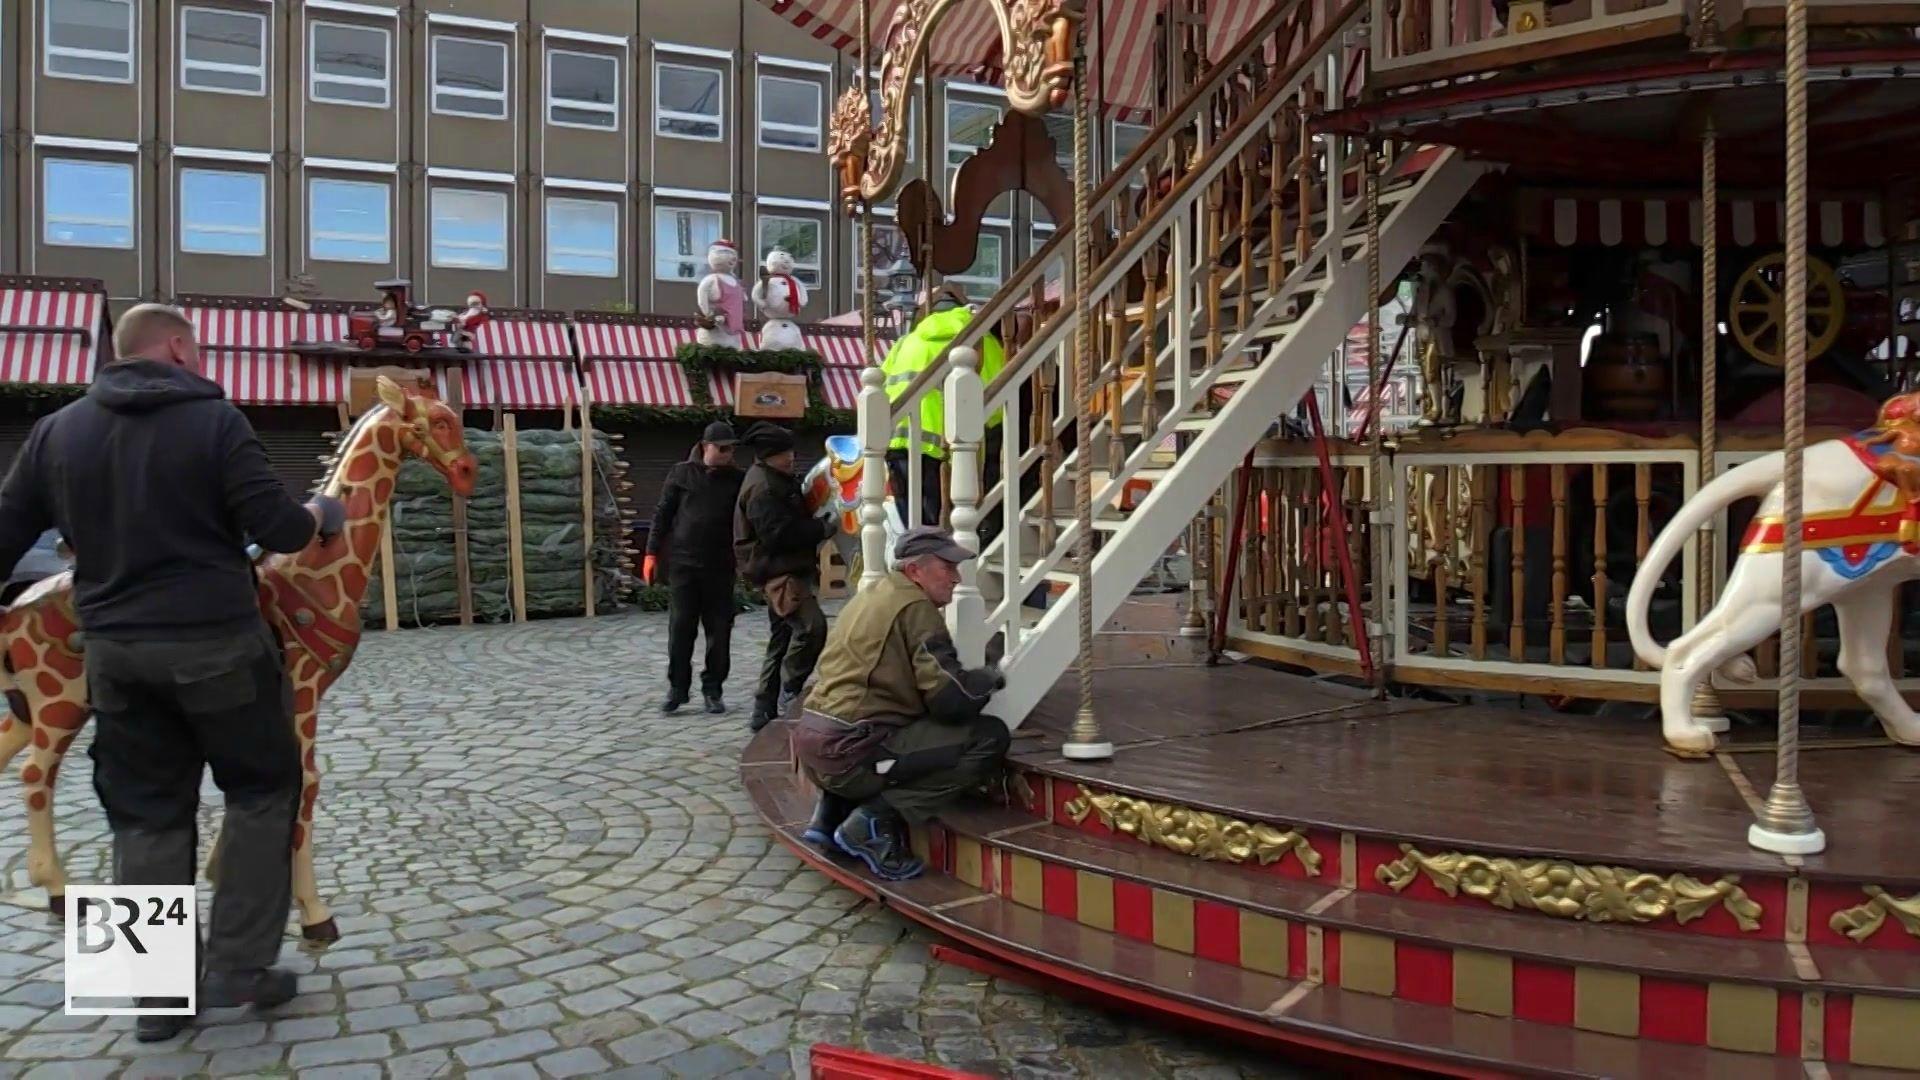 Das nostalgische Etagenkarussell wird auf dem Nürnberger Hauptmarkt aufgebaut.